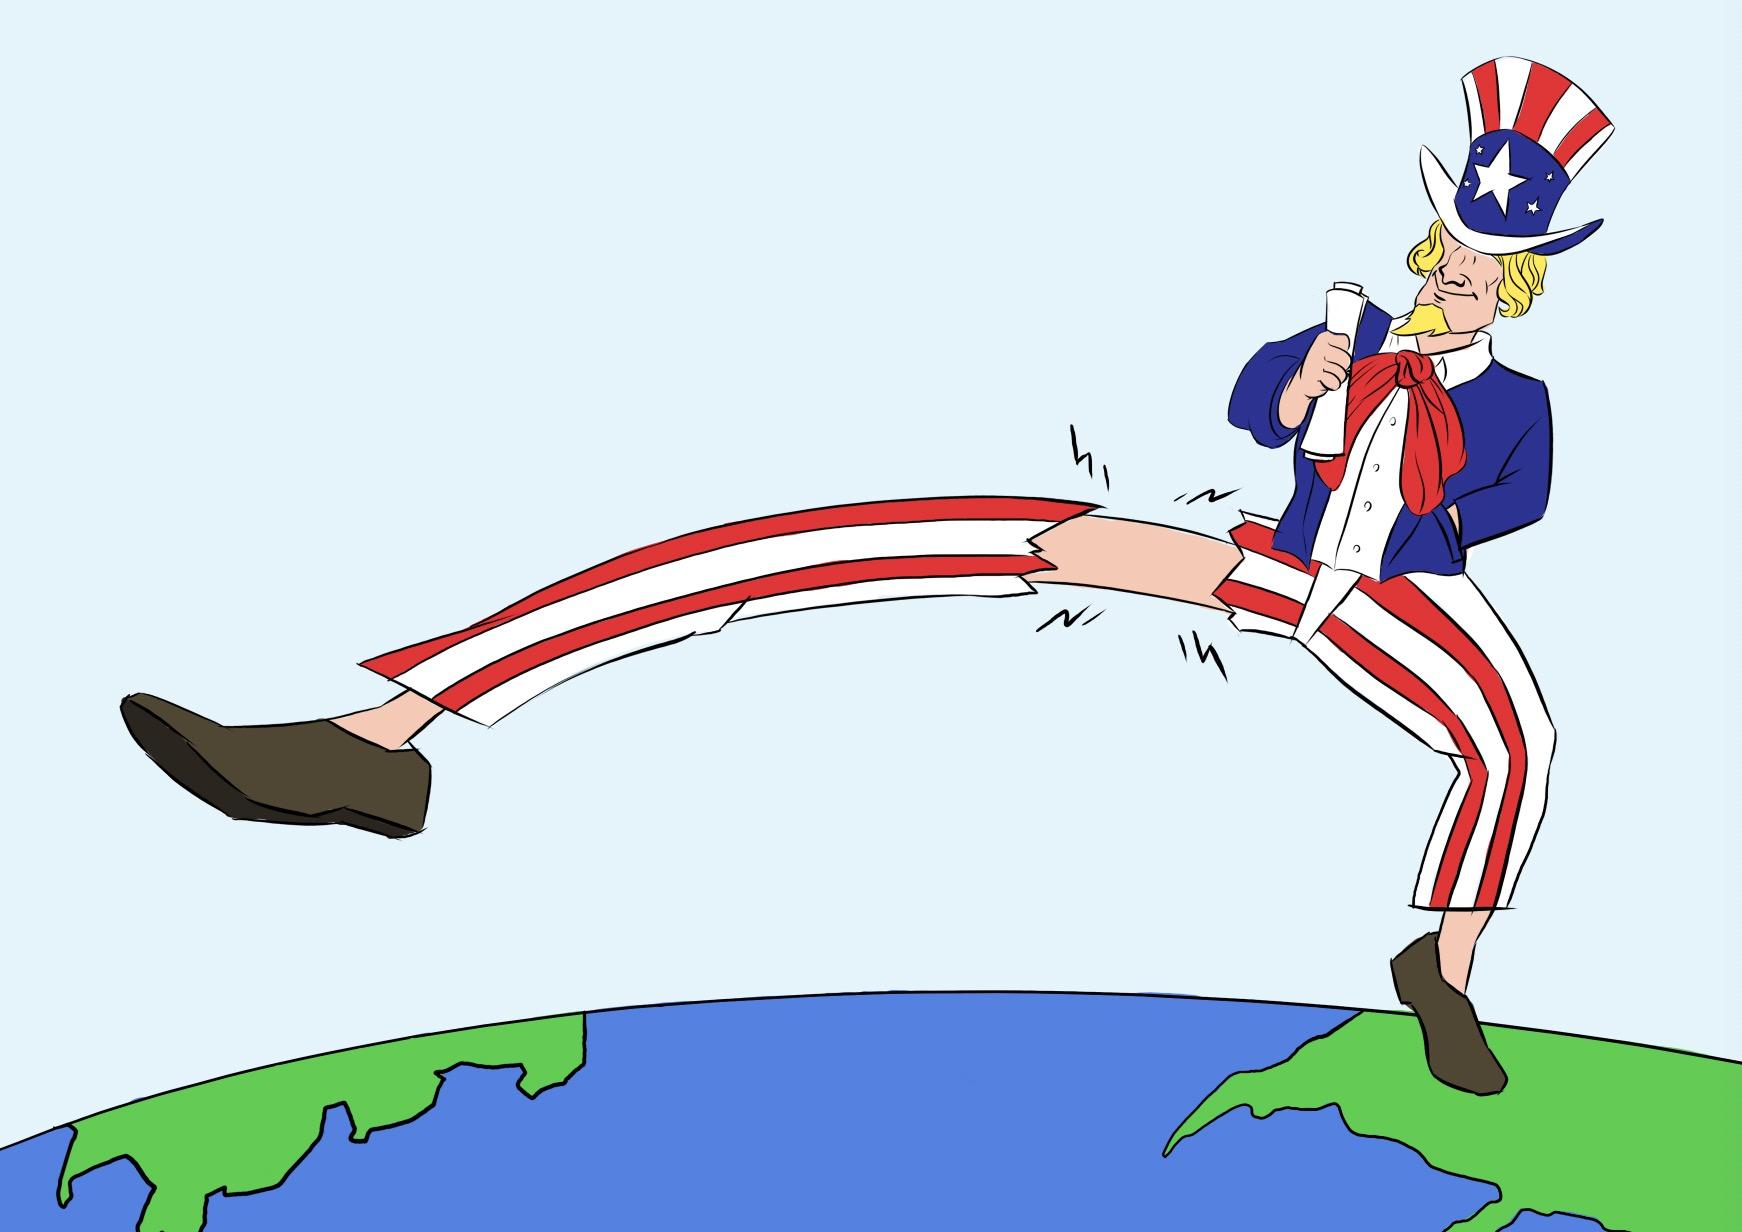 Cartoon: An overreach